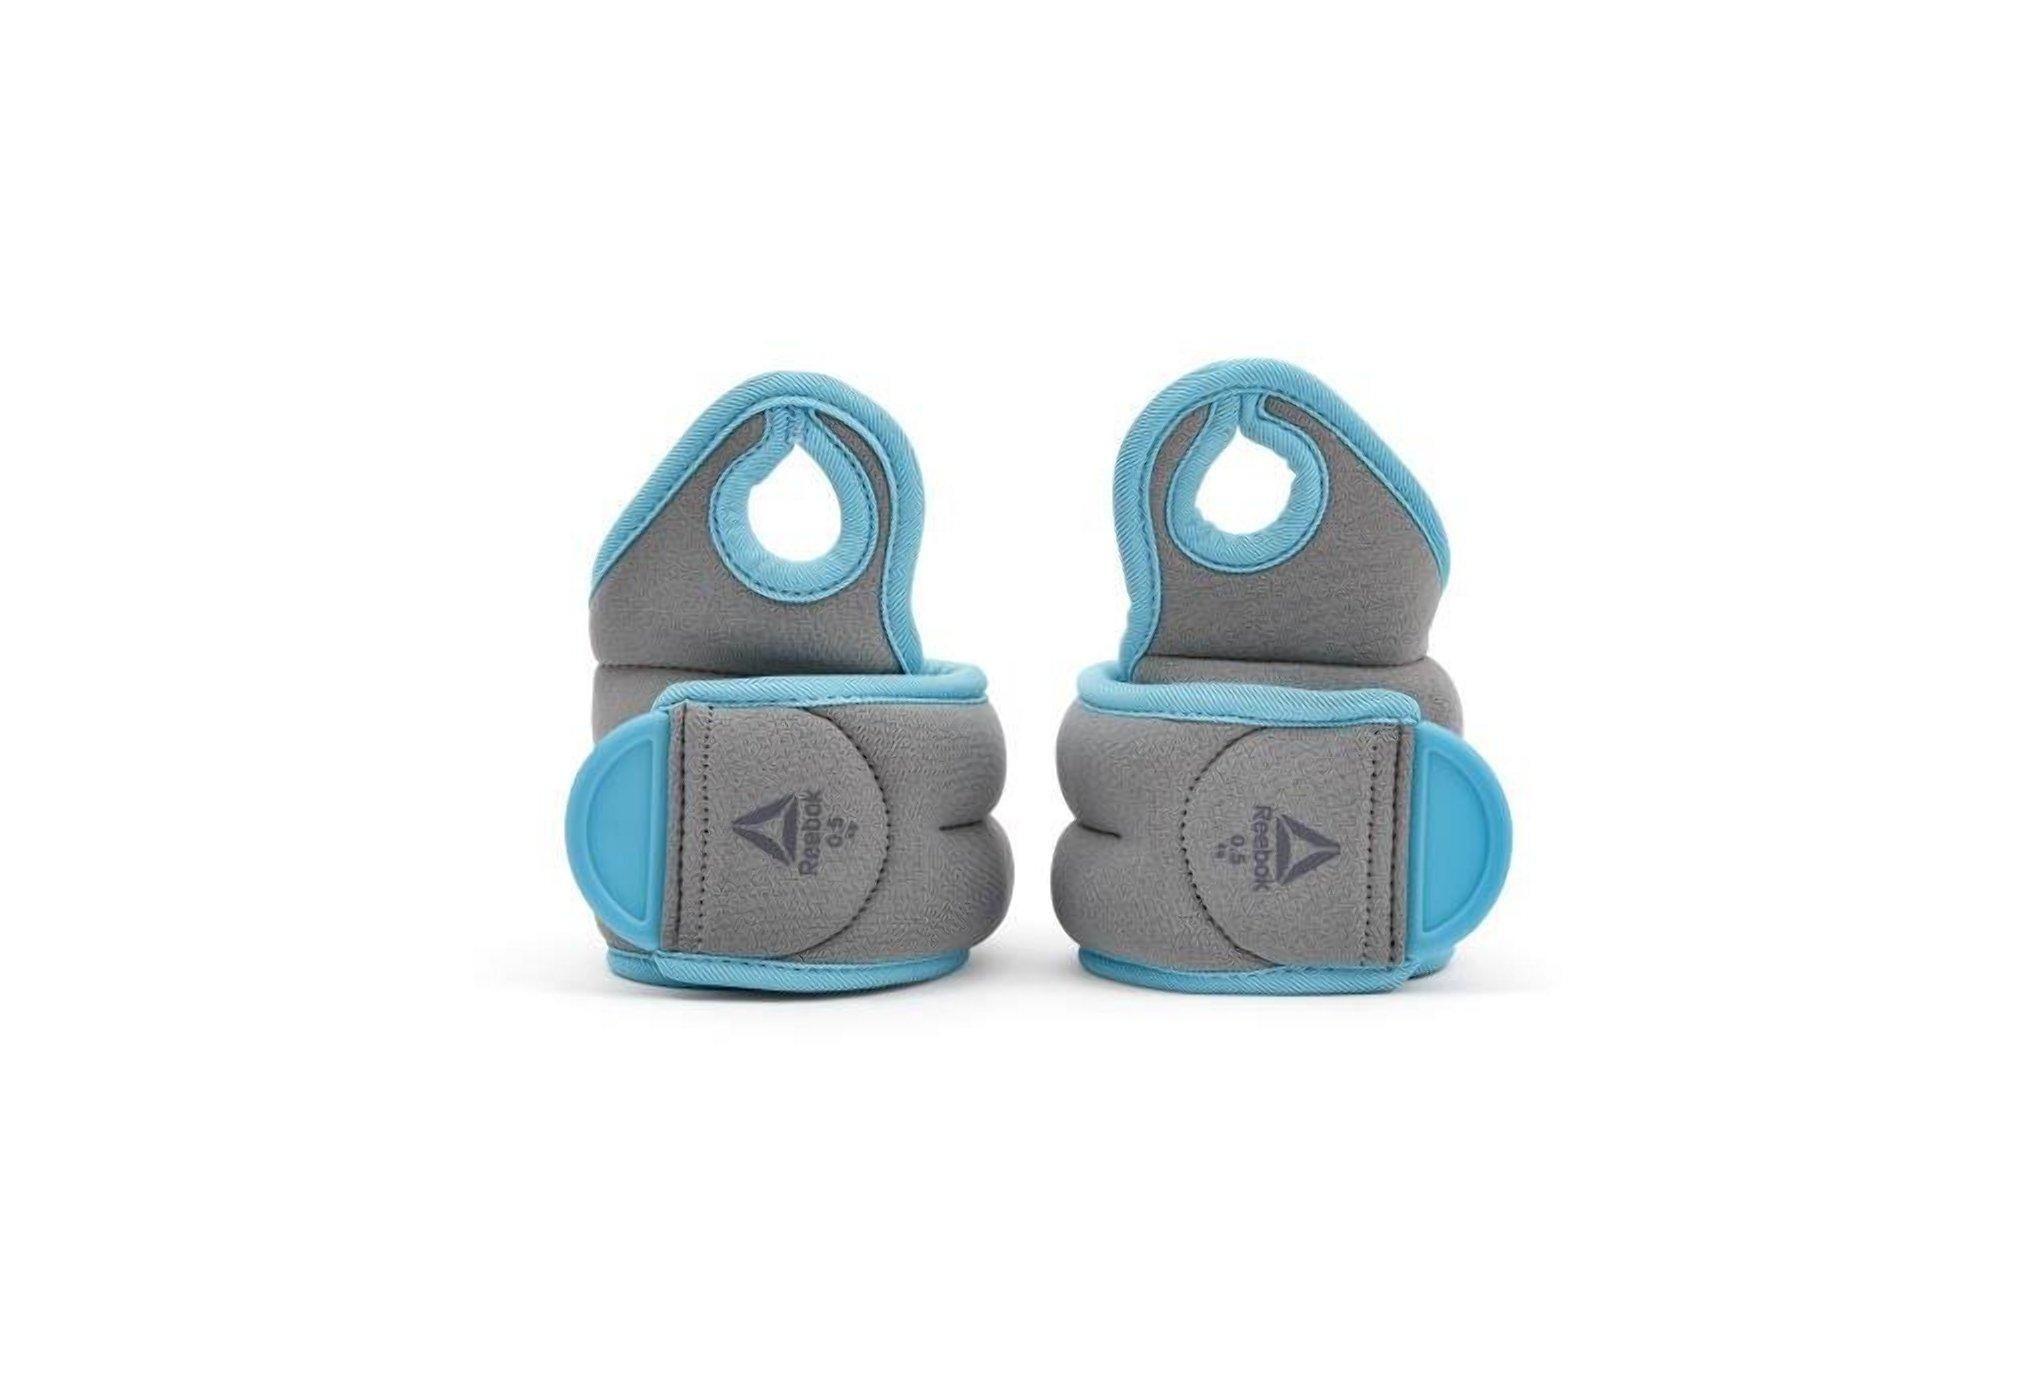 Reebok Wrist Weights - 1.5 kg Training